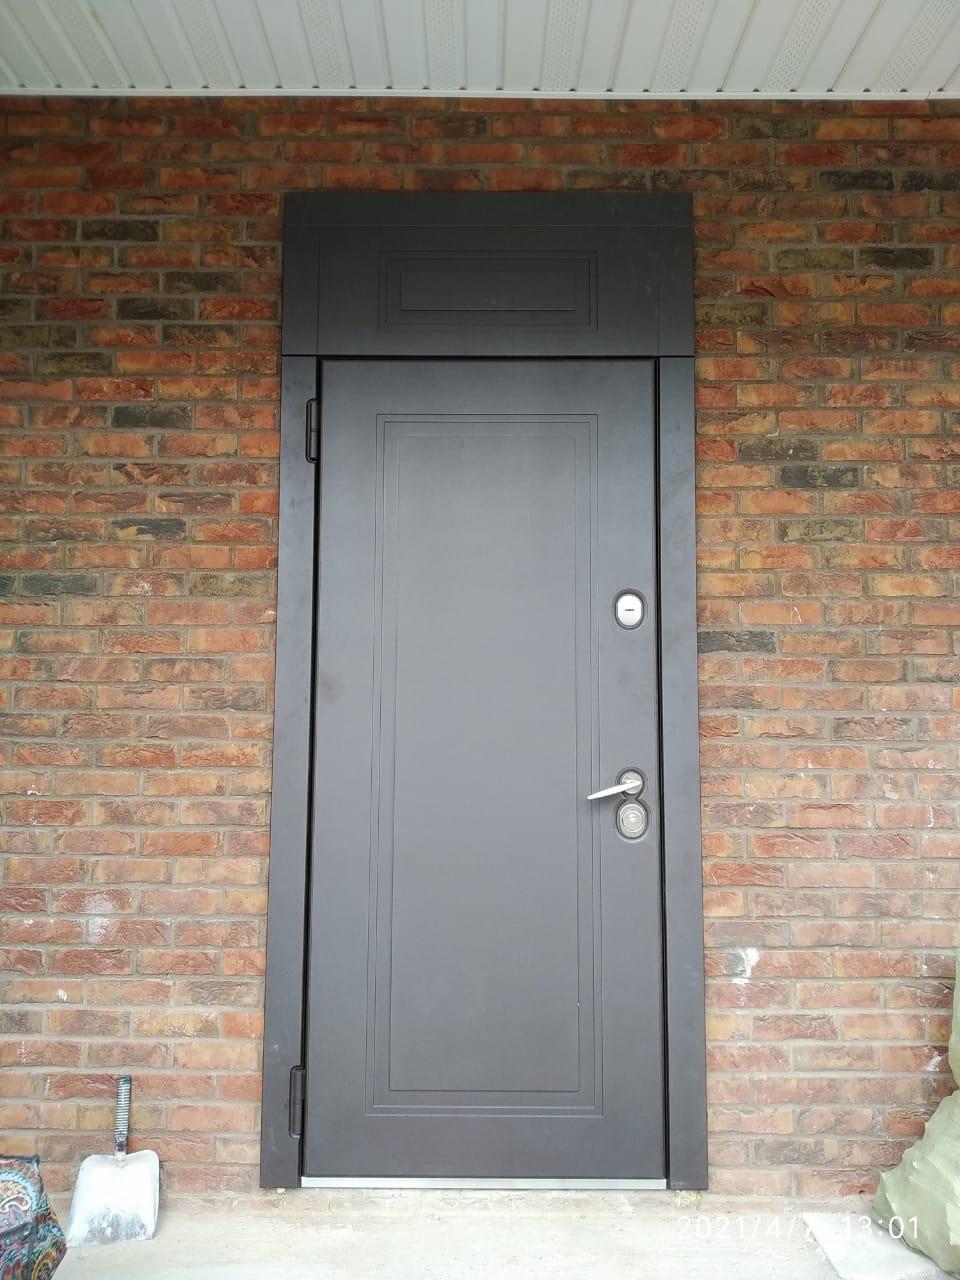 уличная дверь с терморазрывом фрамуга эмаль коричневая П-51 стальная линия